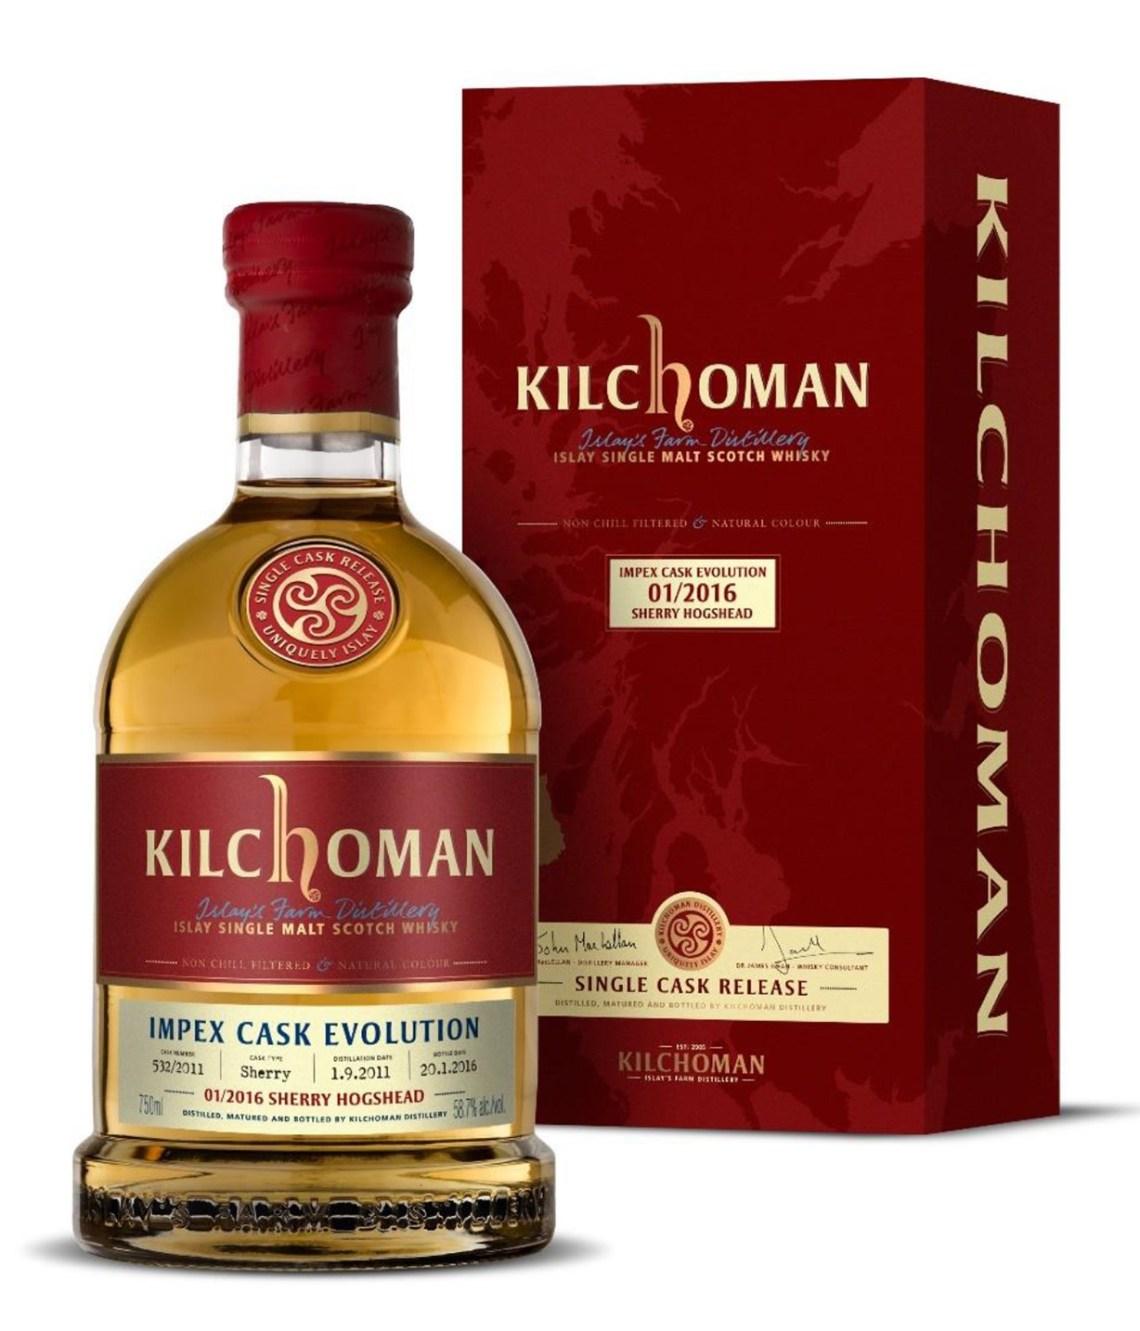 Kilchoman ImpEx Cask Evolution 2/2016 Bourbon Barrel